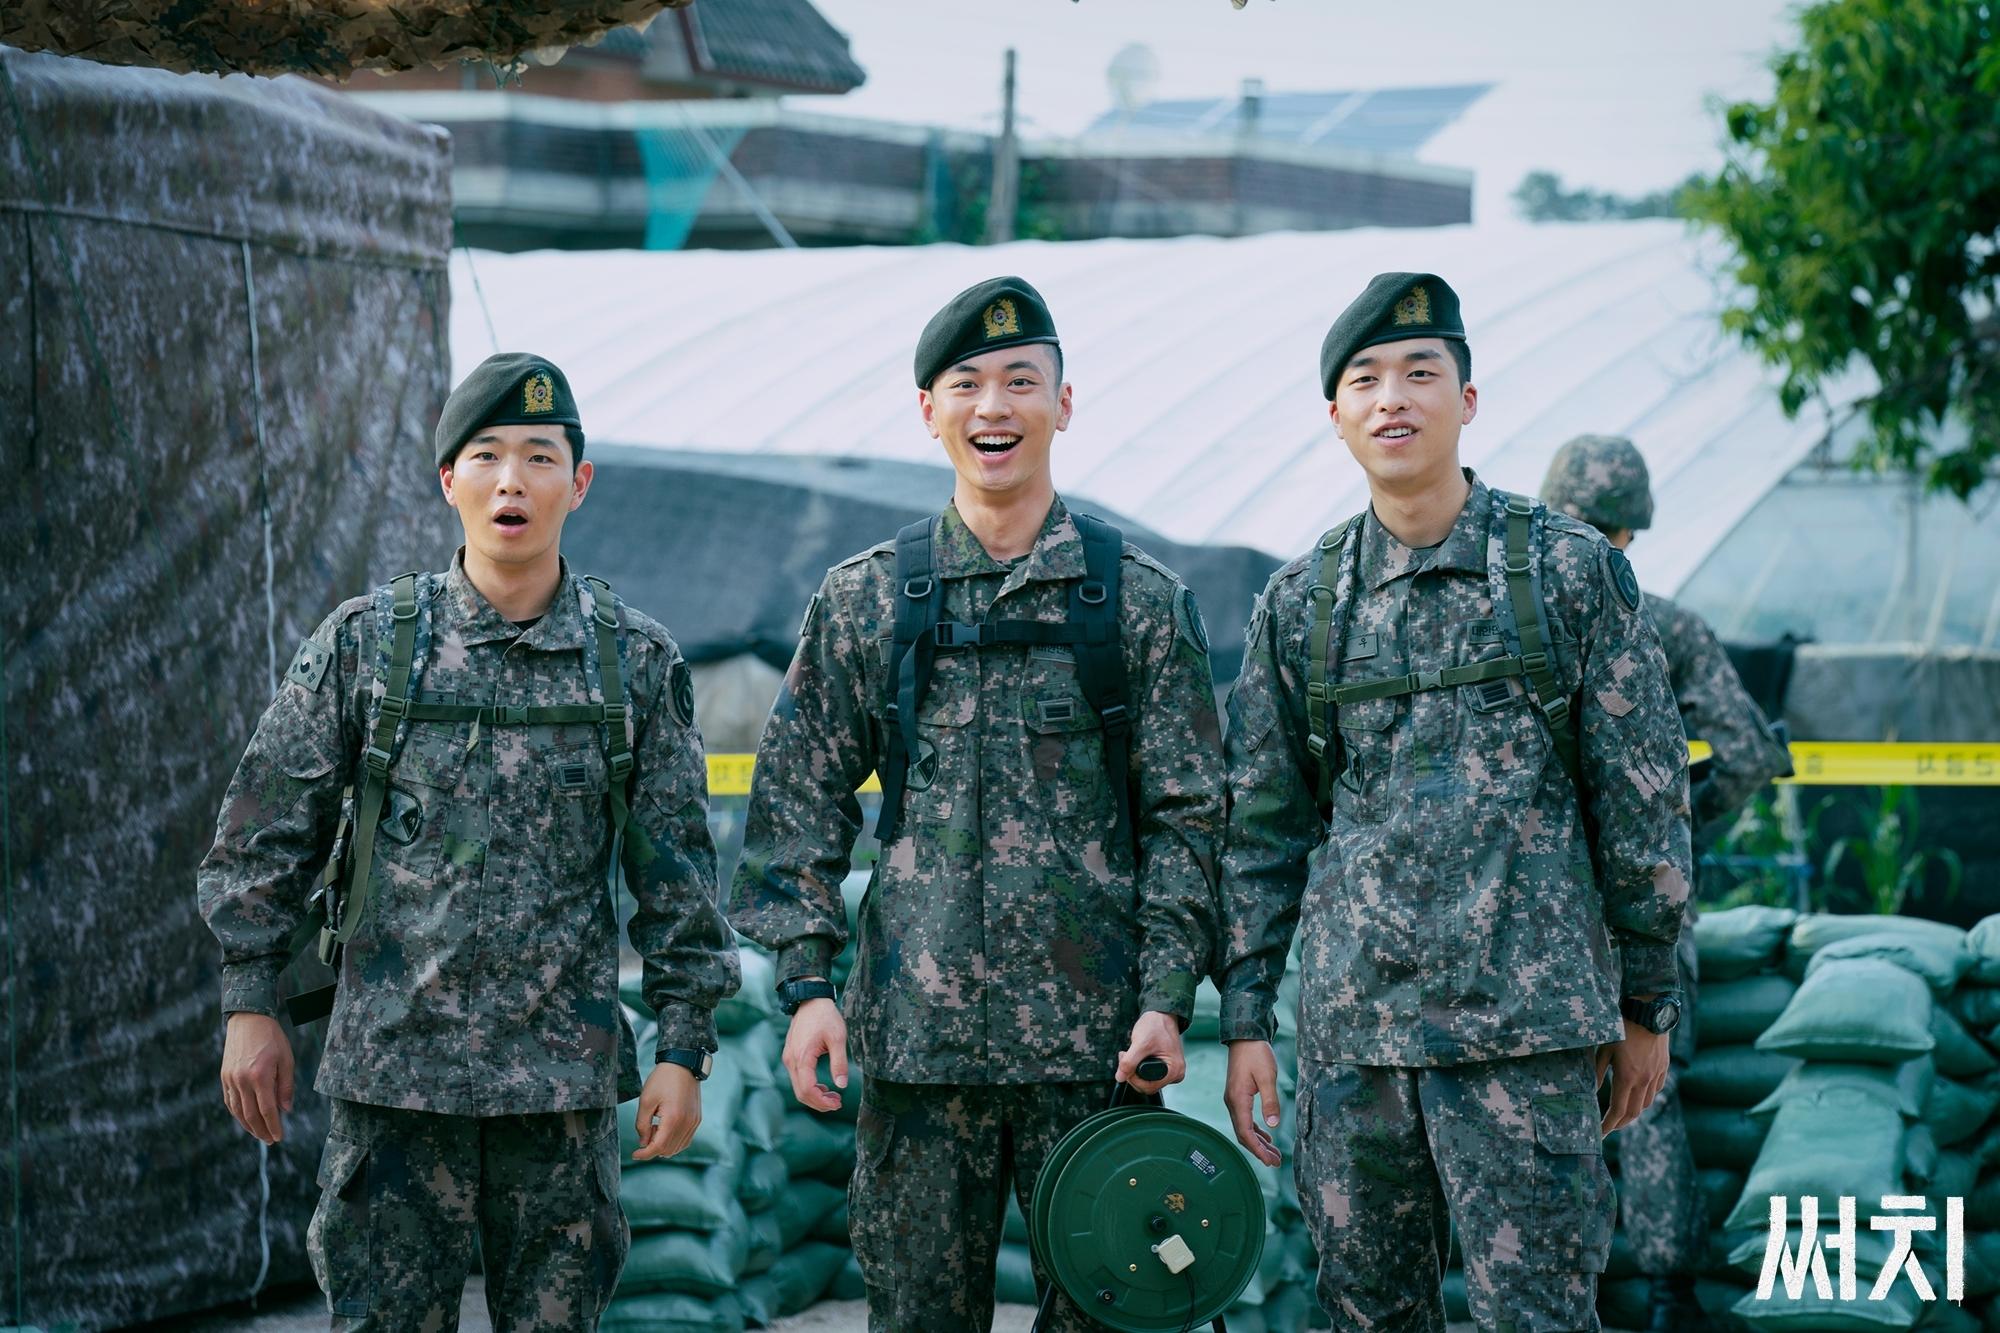 这些剧情太智障,这部豆瓣7.7分的韩剧是在黑韩国军人吧?插图10